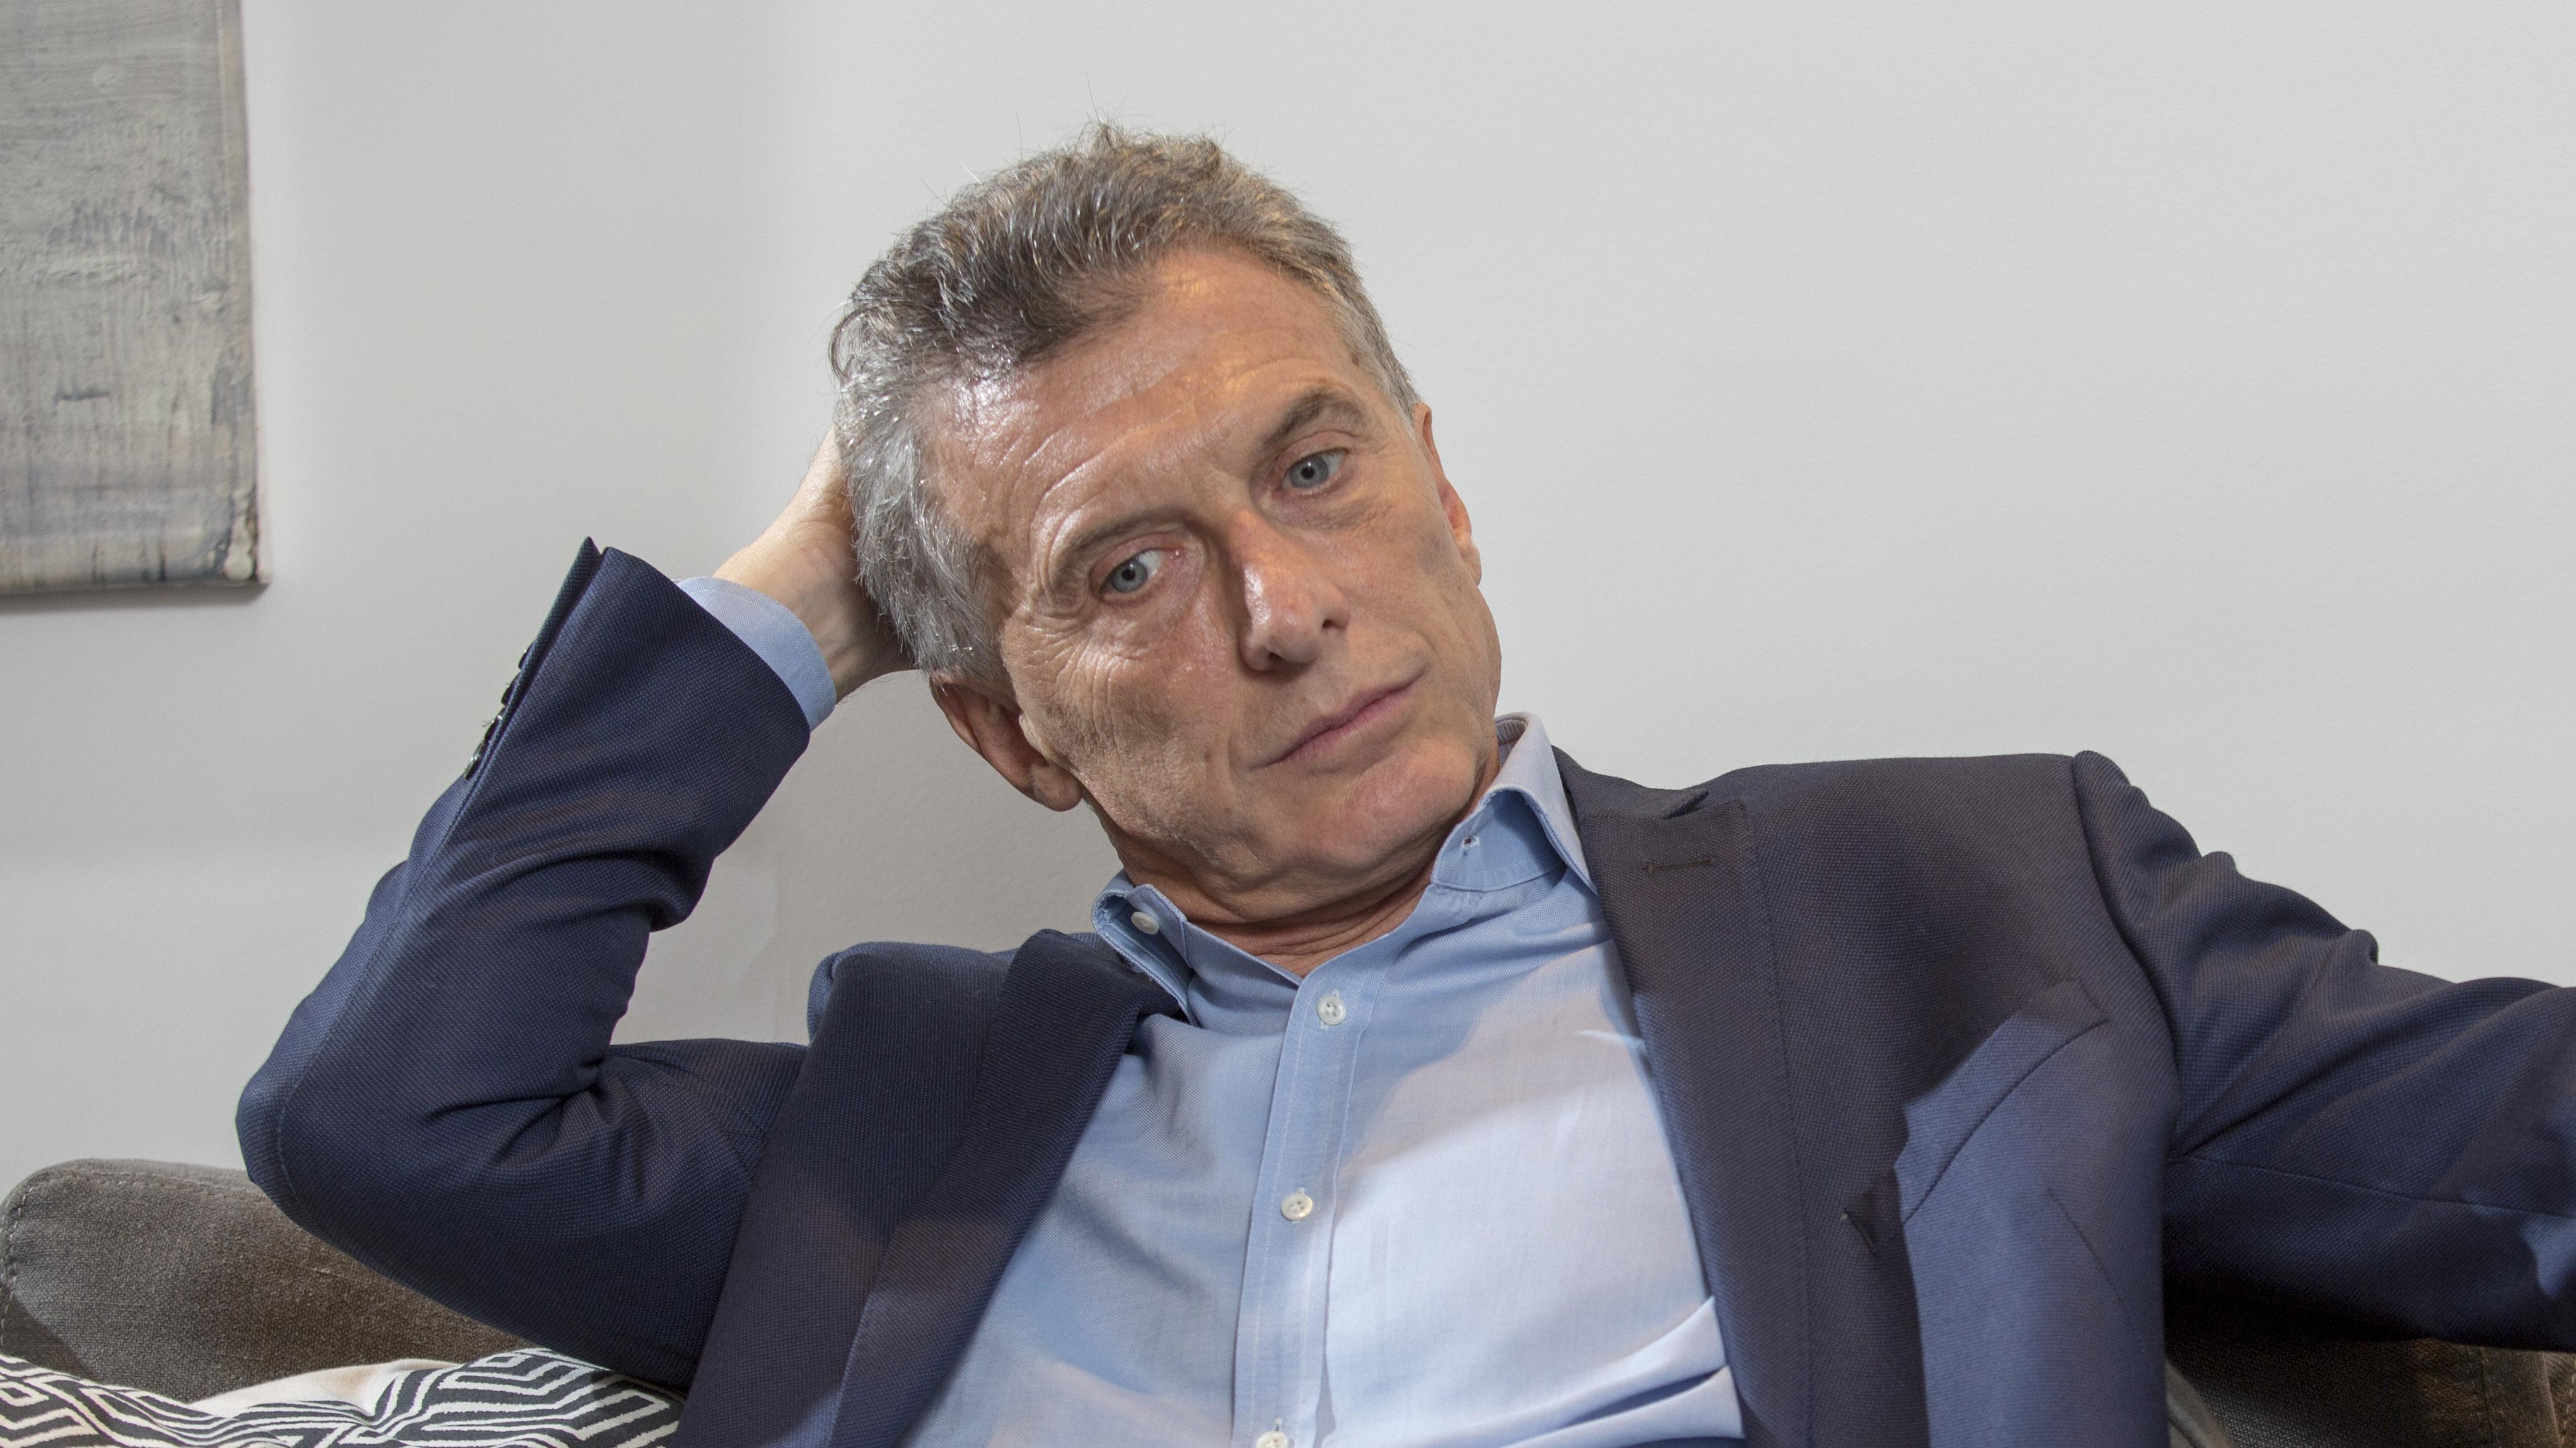 Riesgo país de Argentina se disparó a su máximo en poco más de 10 años y ahonda crisis económica